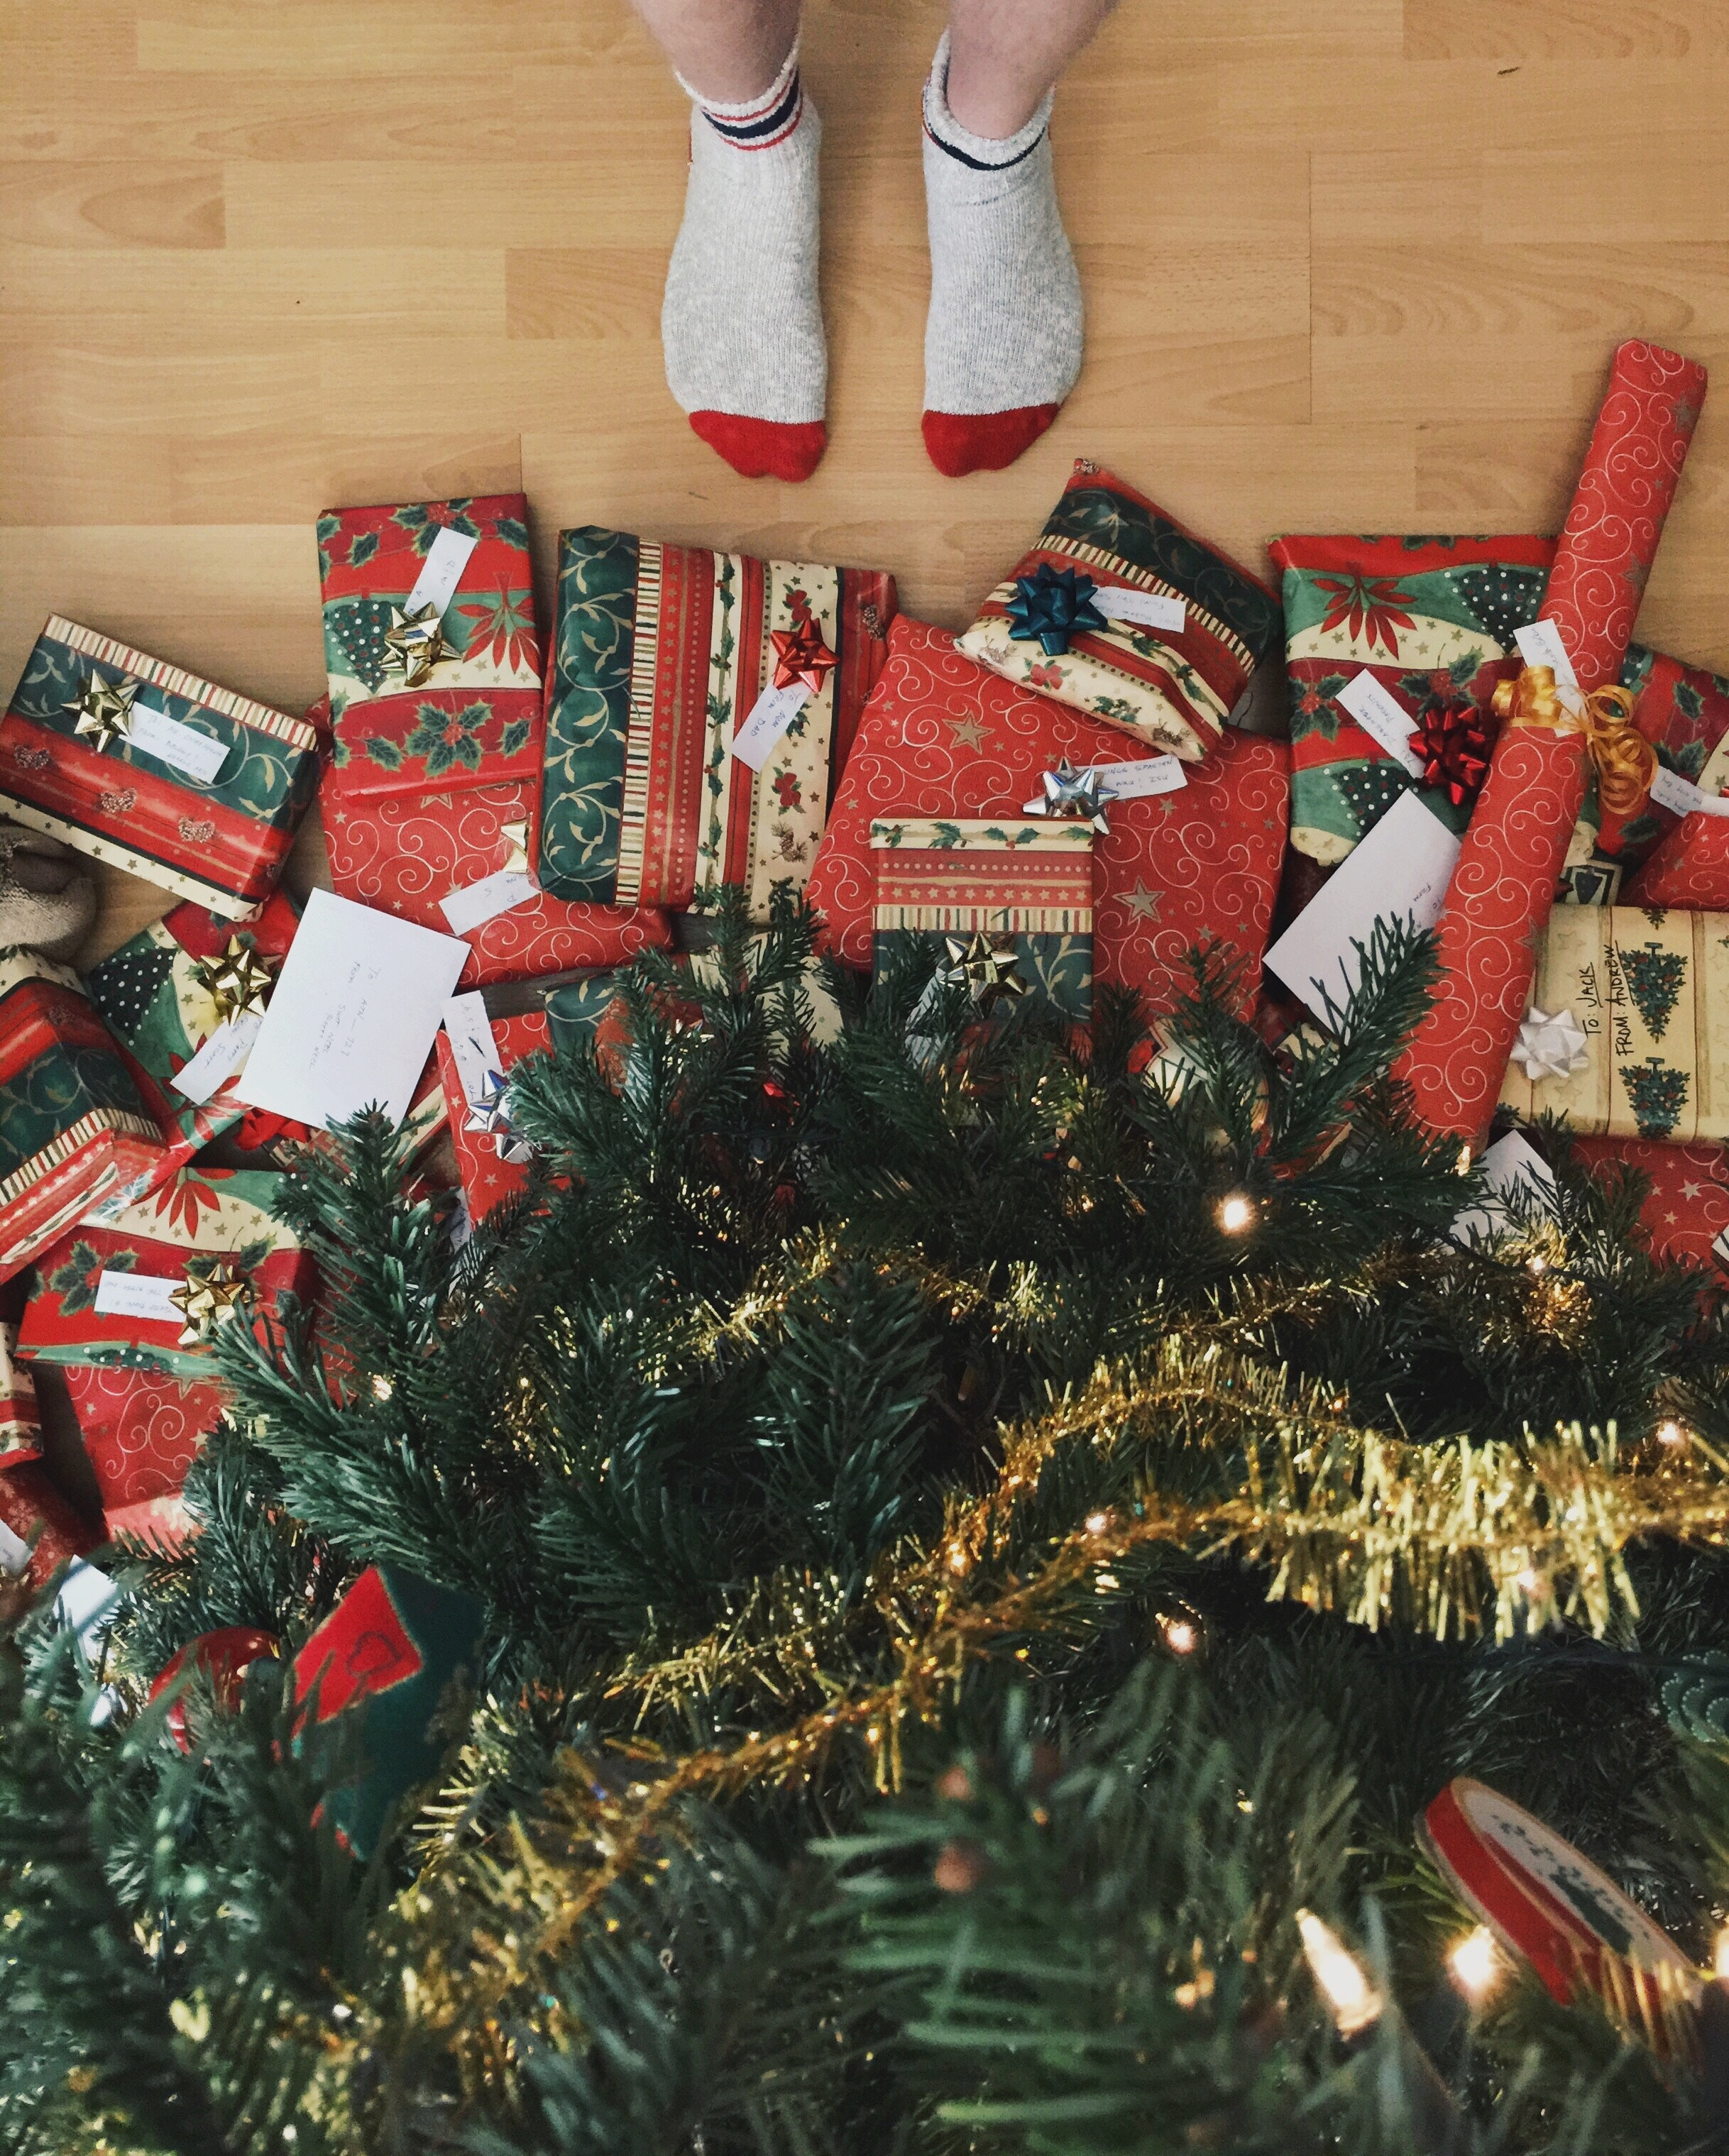 Tipps Weihnachtsgeschenke.Weihnachtsgeschenke Für E Biker Unsere Tipps Youmo